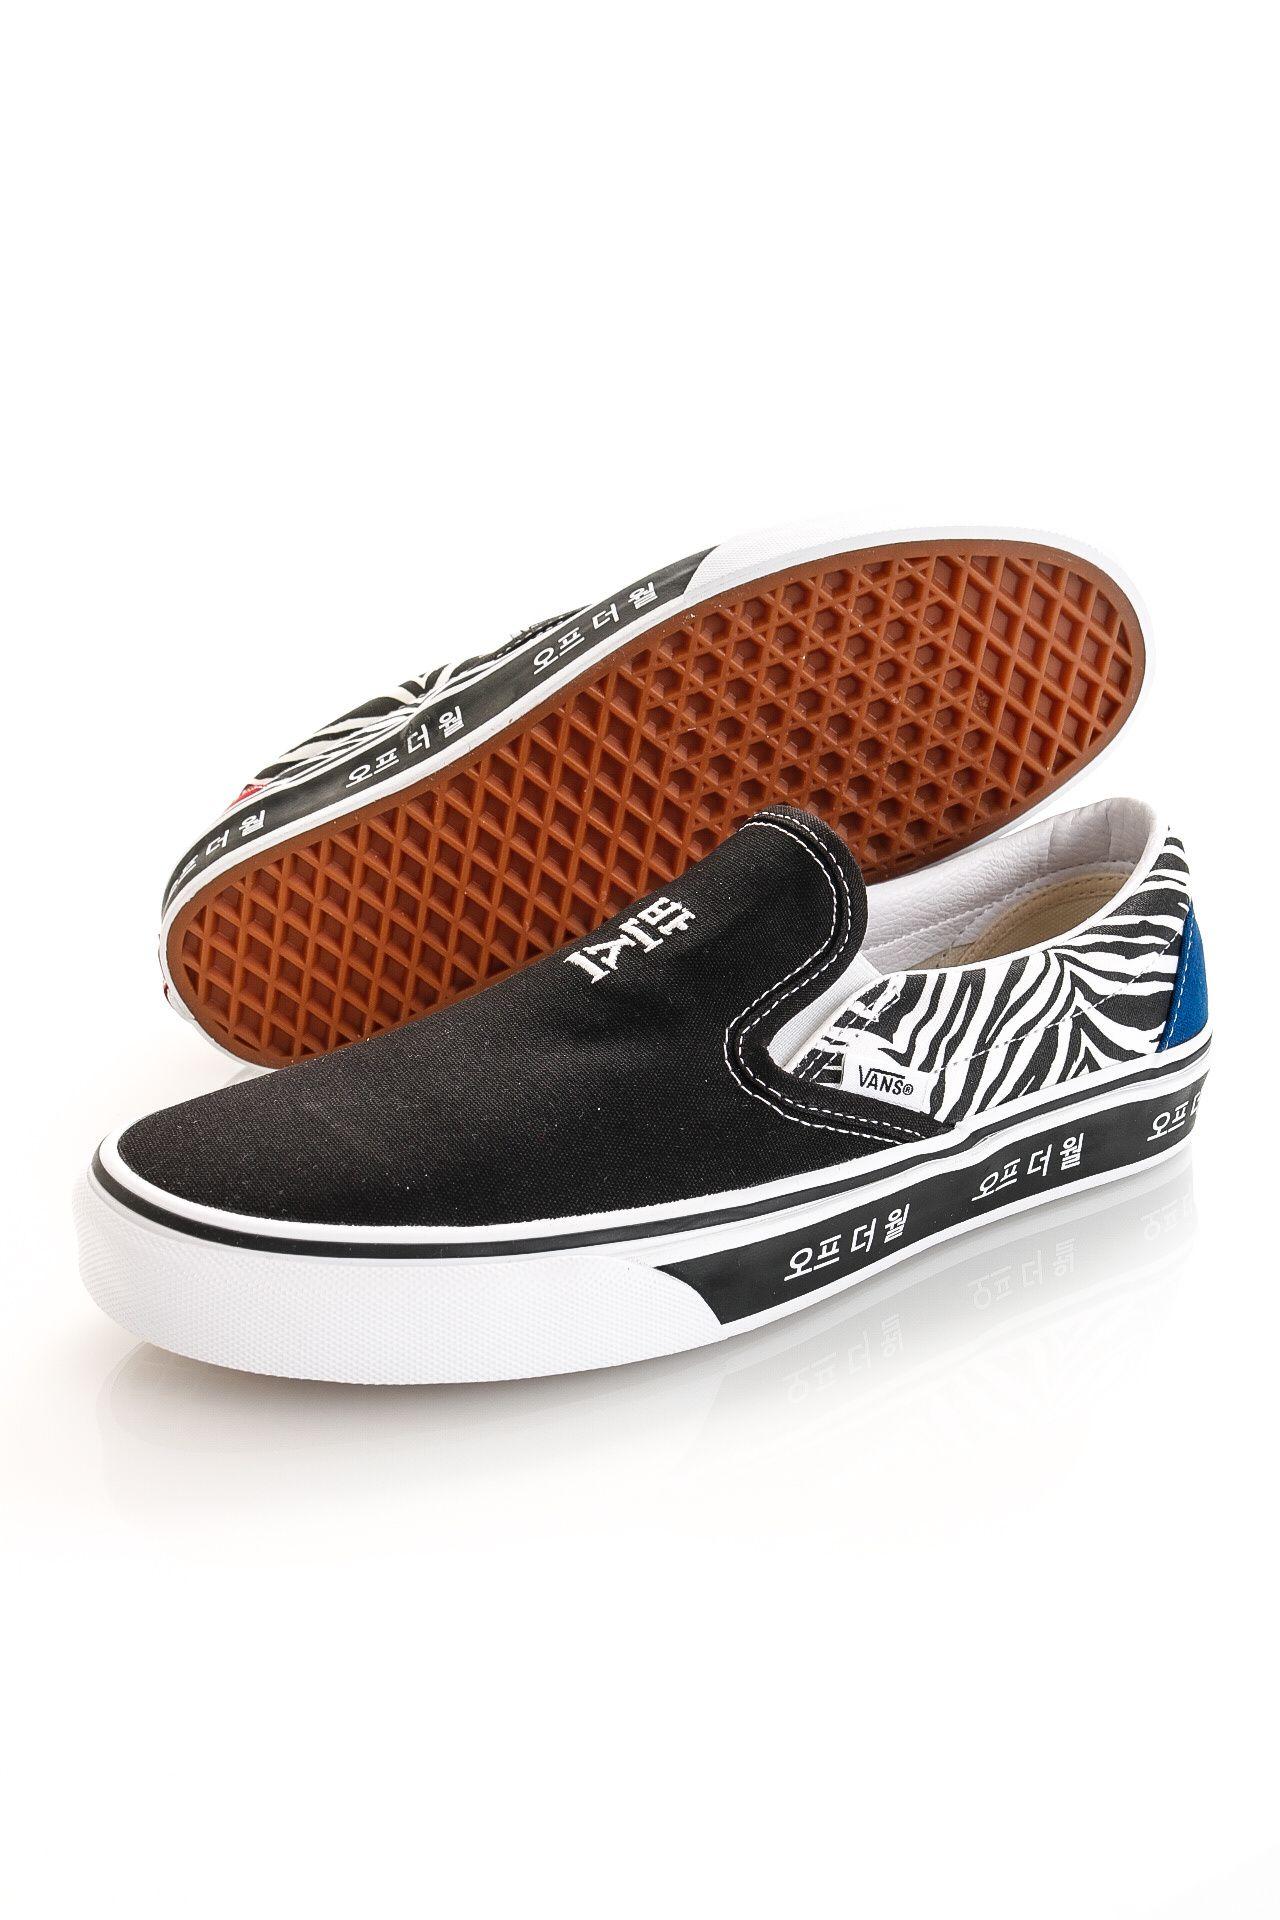 Afbeelding van Vans Sneakers UA Classic Slip-On (Korean Typography) Racing Red/True Blue VN0A33TB9HW1